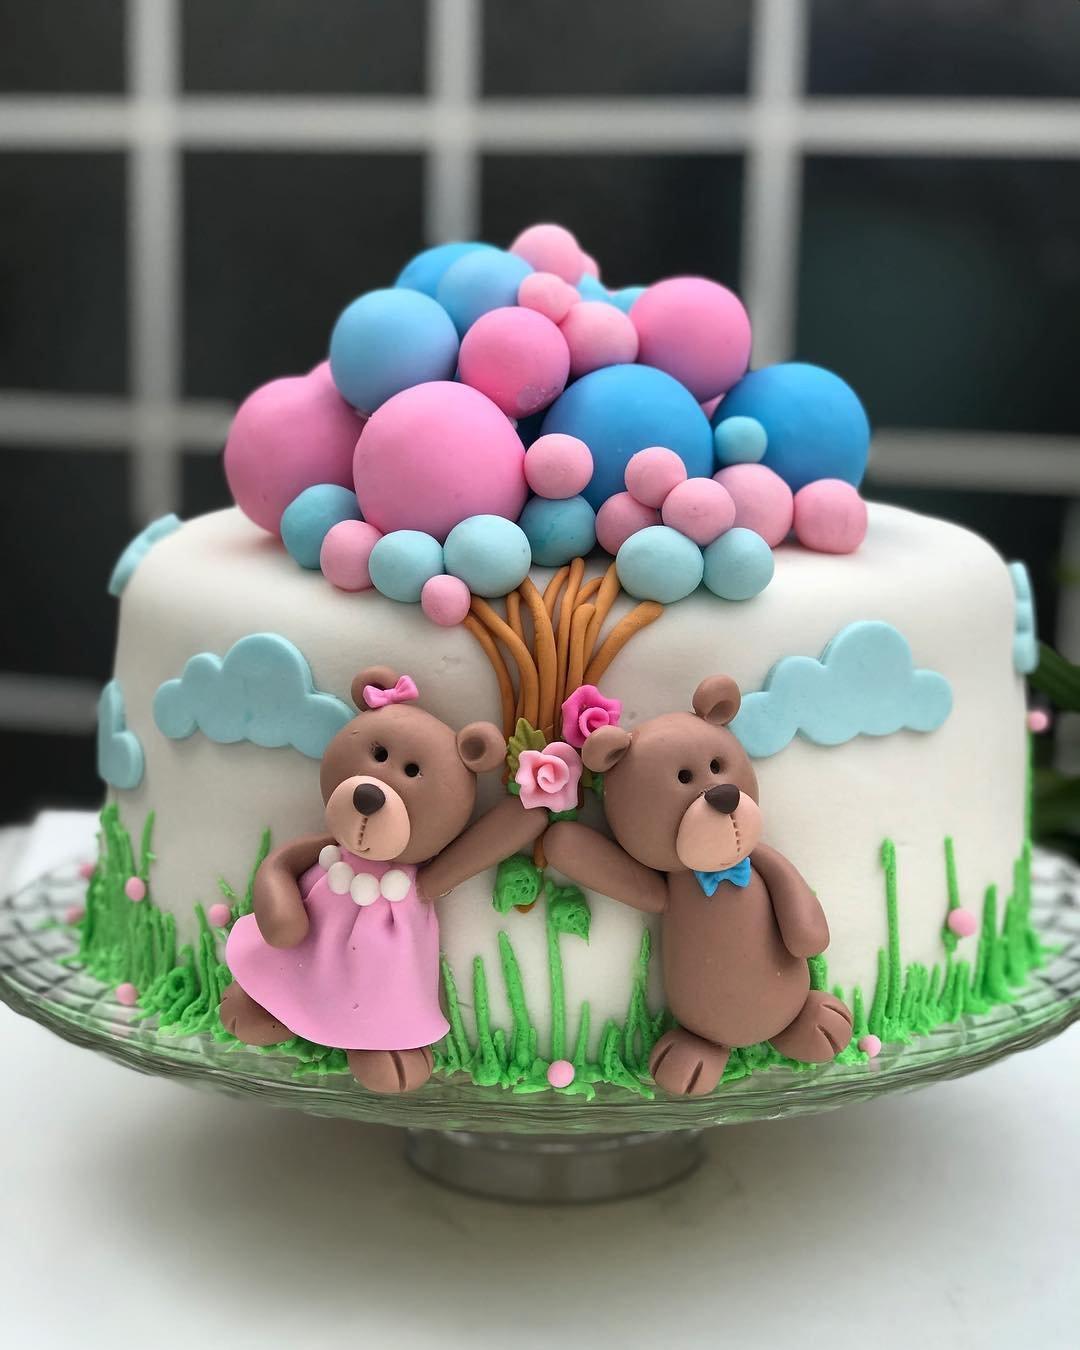 Картинка торта с днем рождения детские для